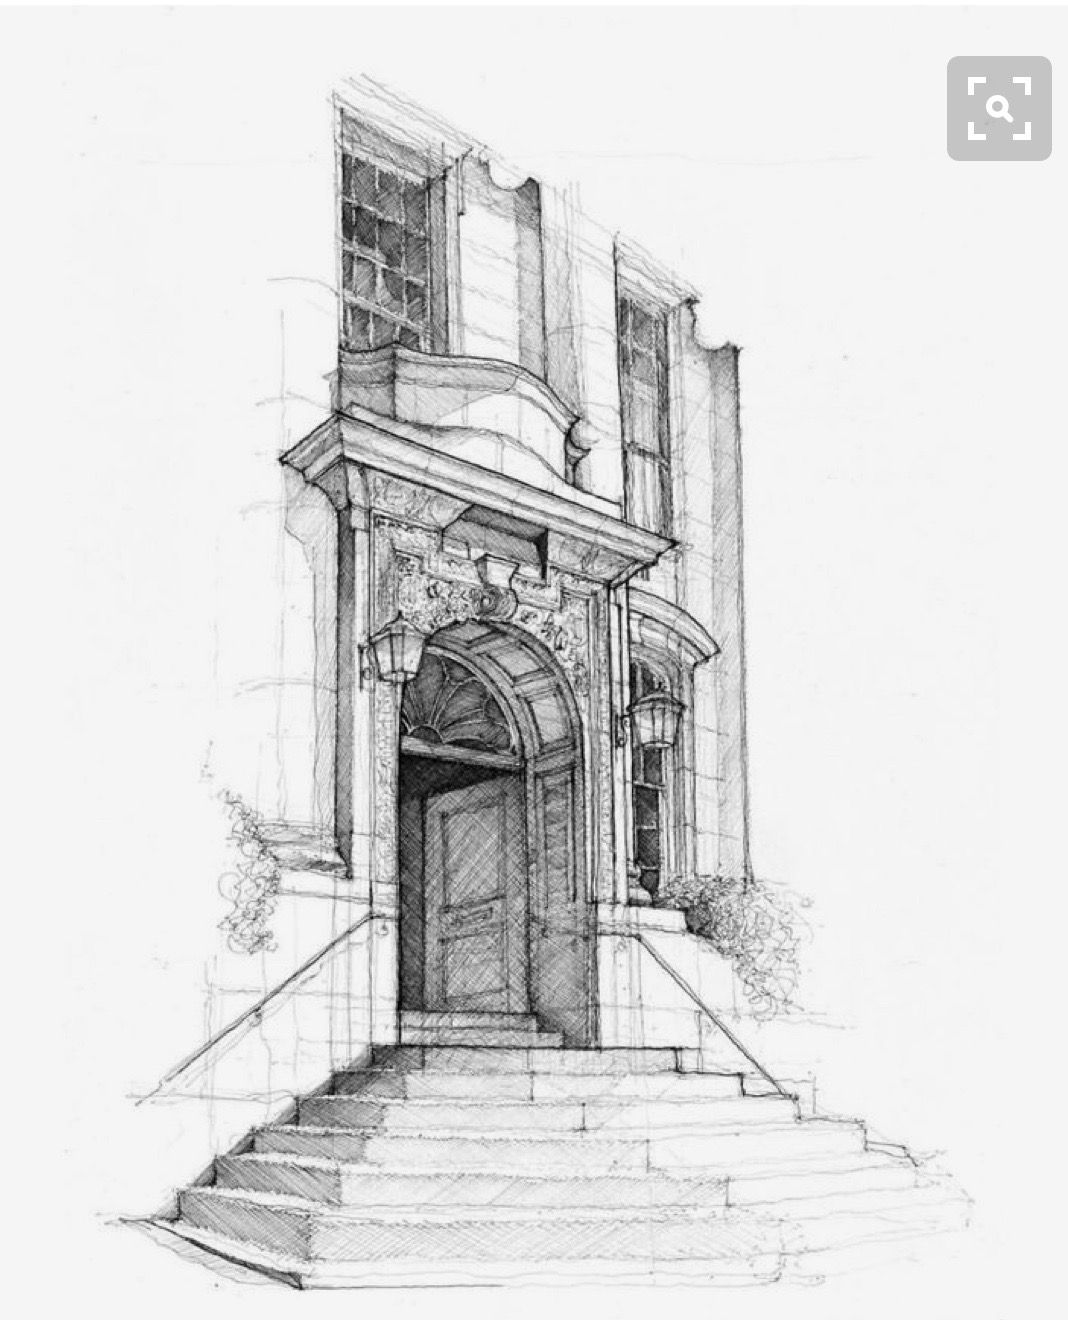 Pin von Maigon Pontuschka auf Architecture in pencil | Pinterest ...